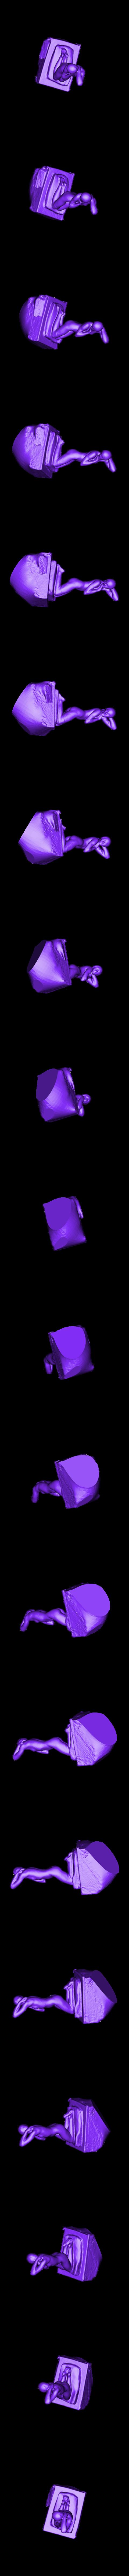 Fragilina2.stl Download free OBJ file Fragilina • Design to 3D print, metmuseum